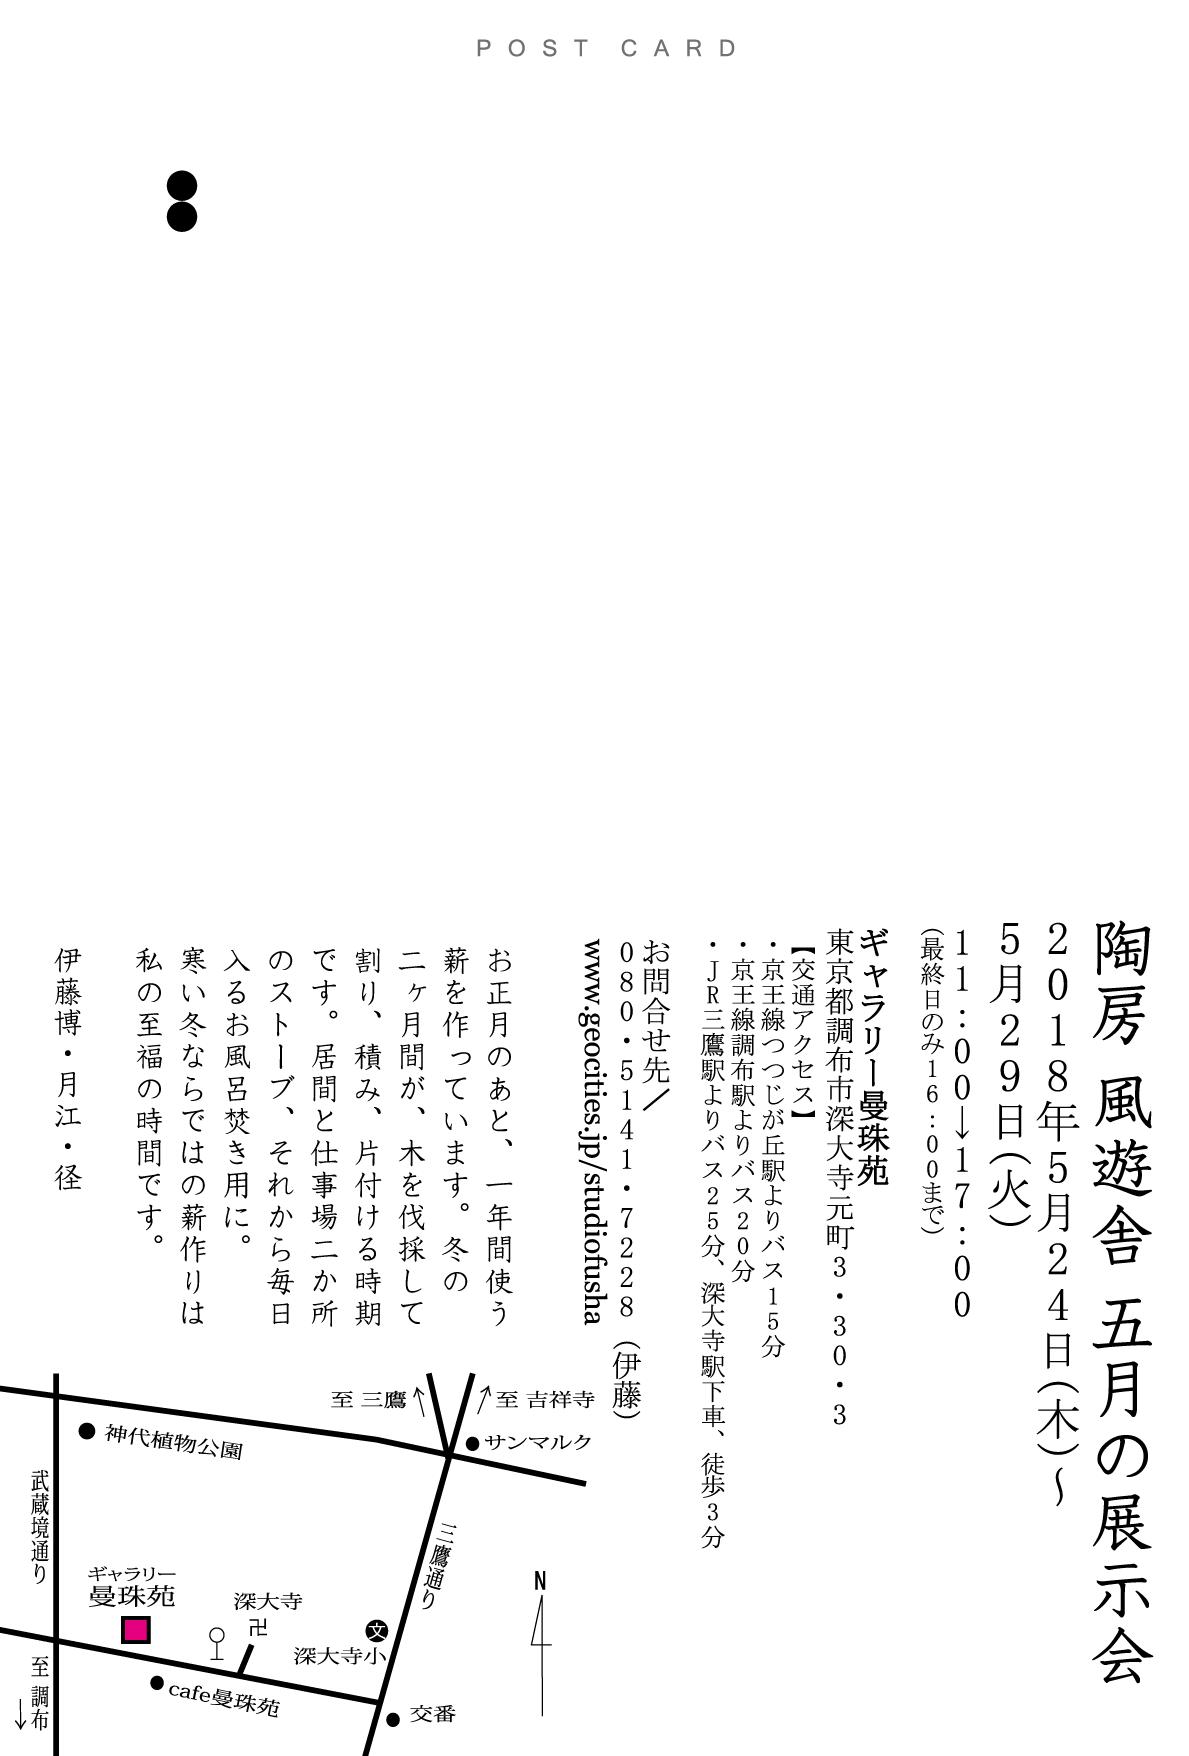 深大寺 5月の展示会_e0091670_13175801.png